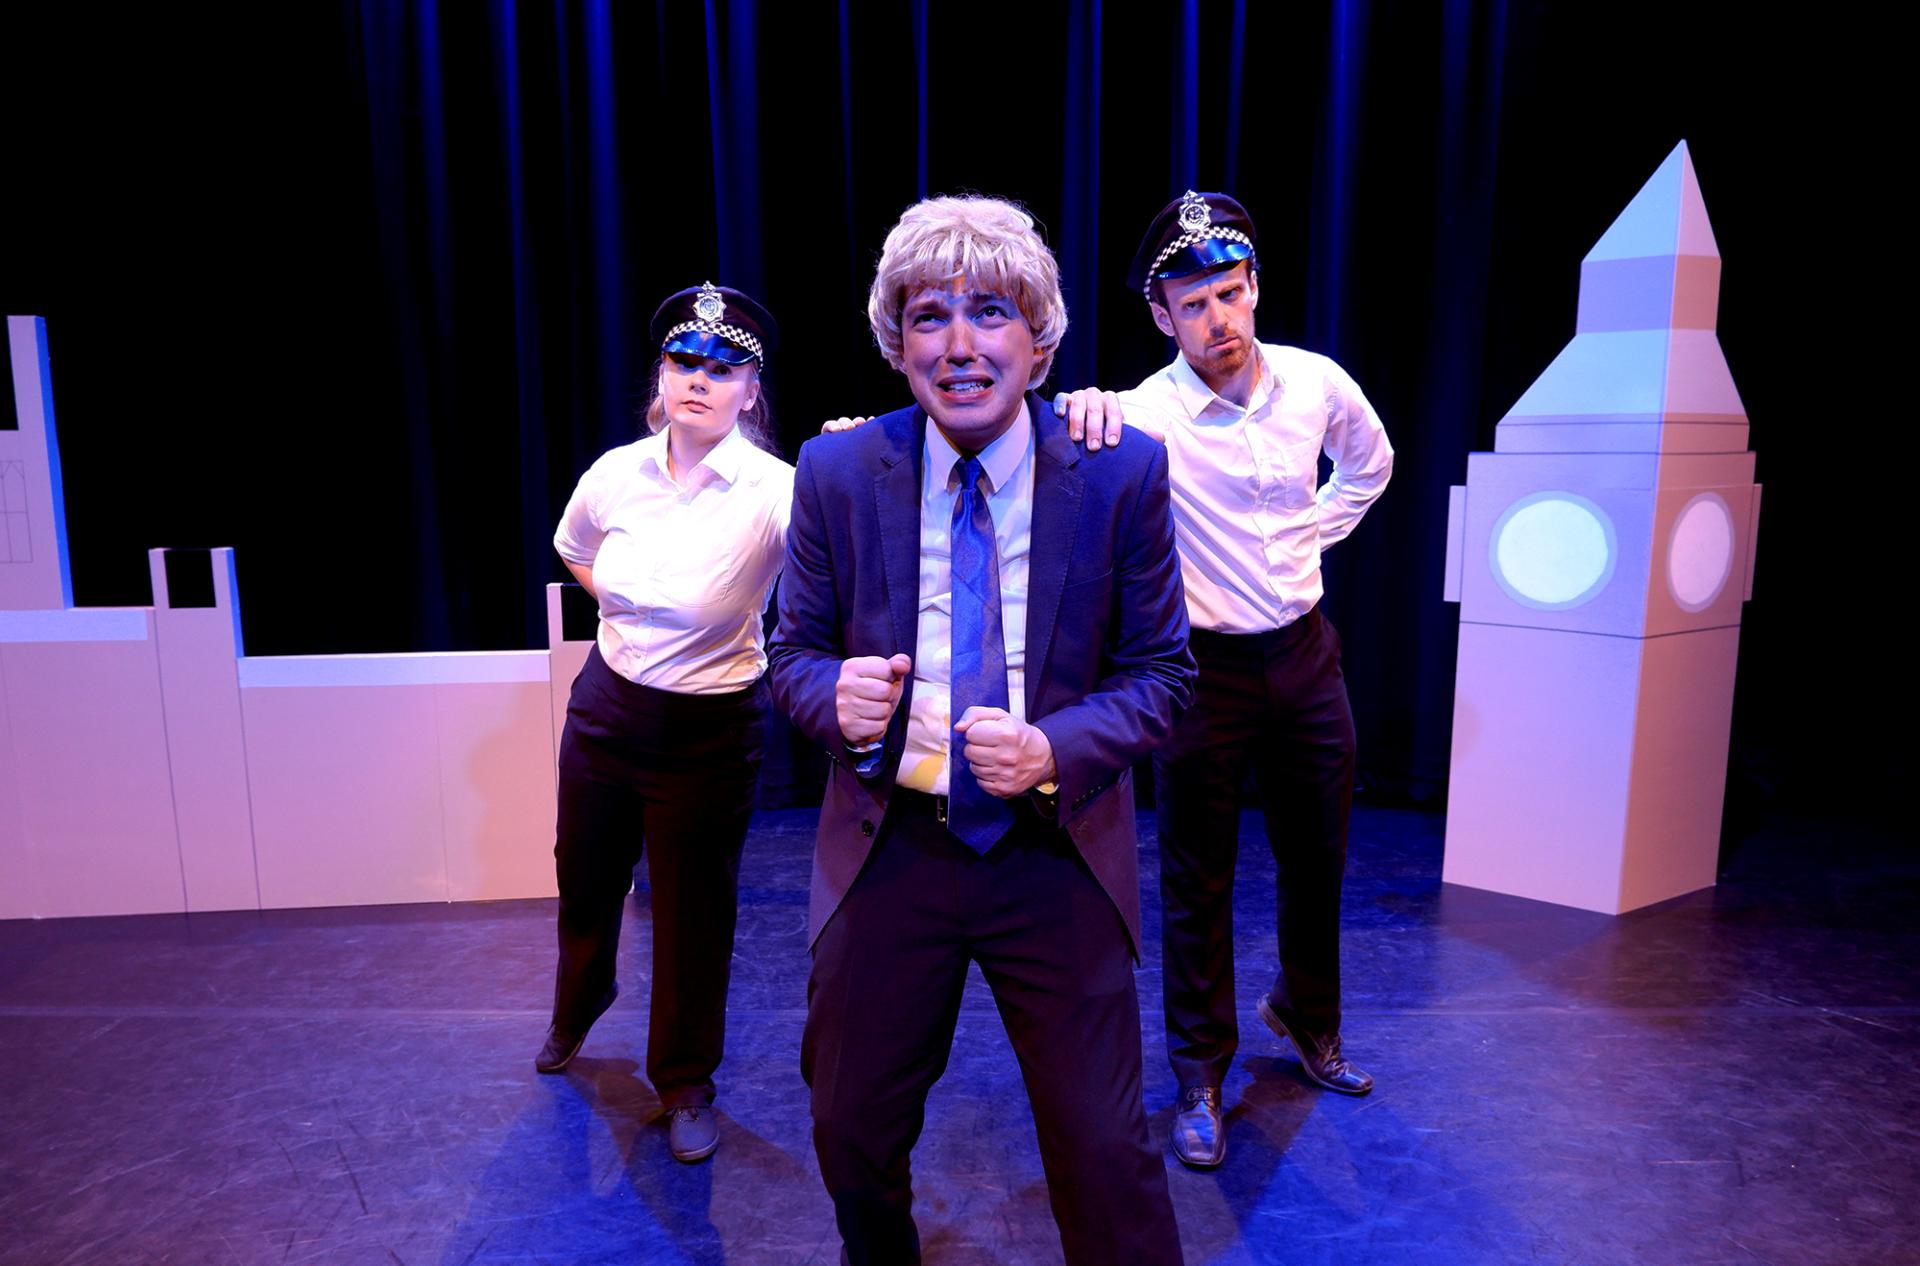 Boris musical arrest